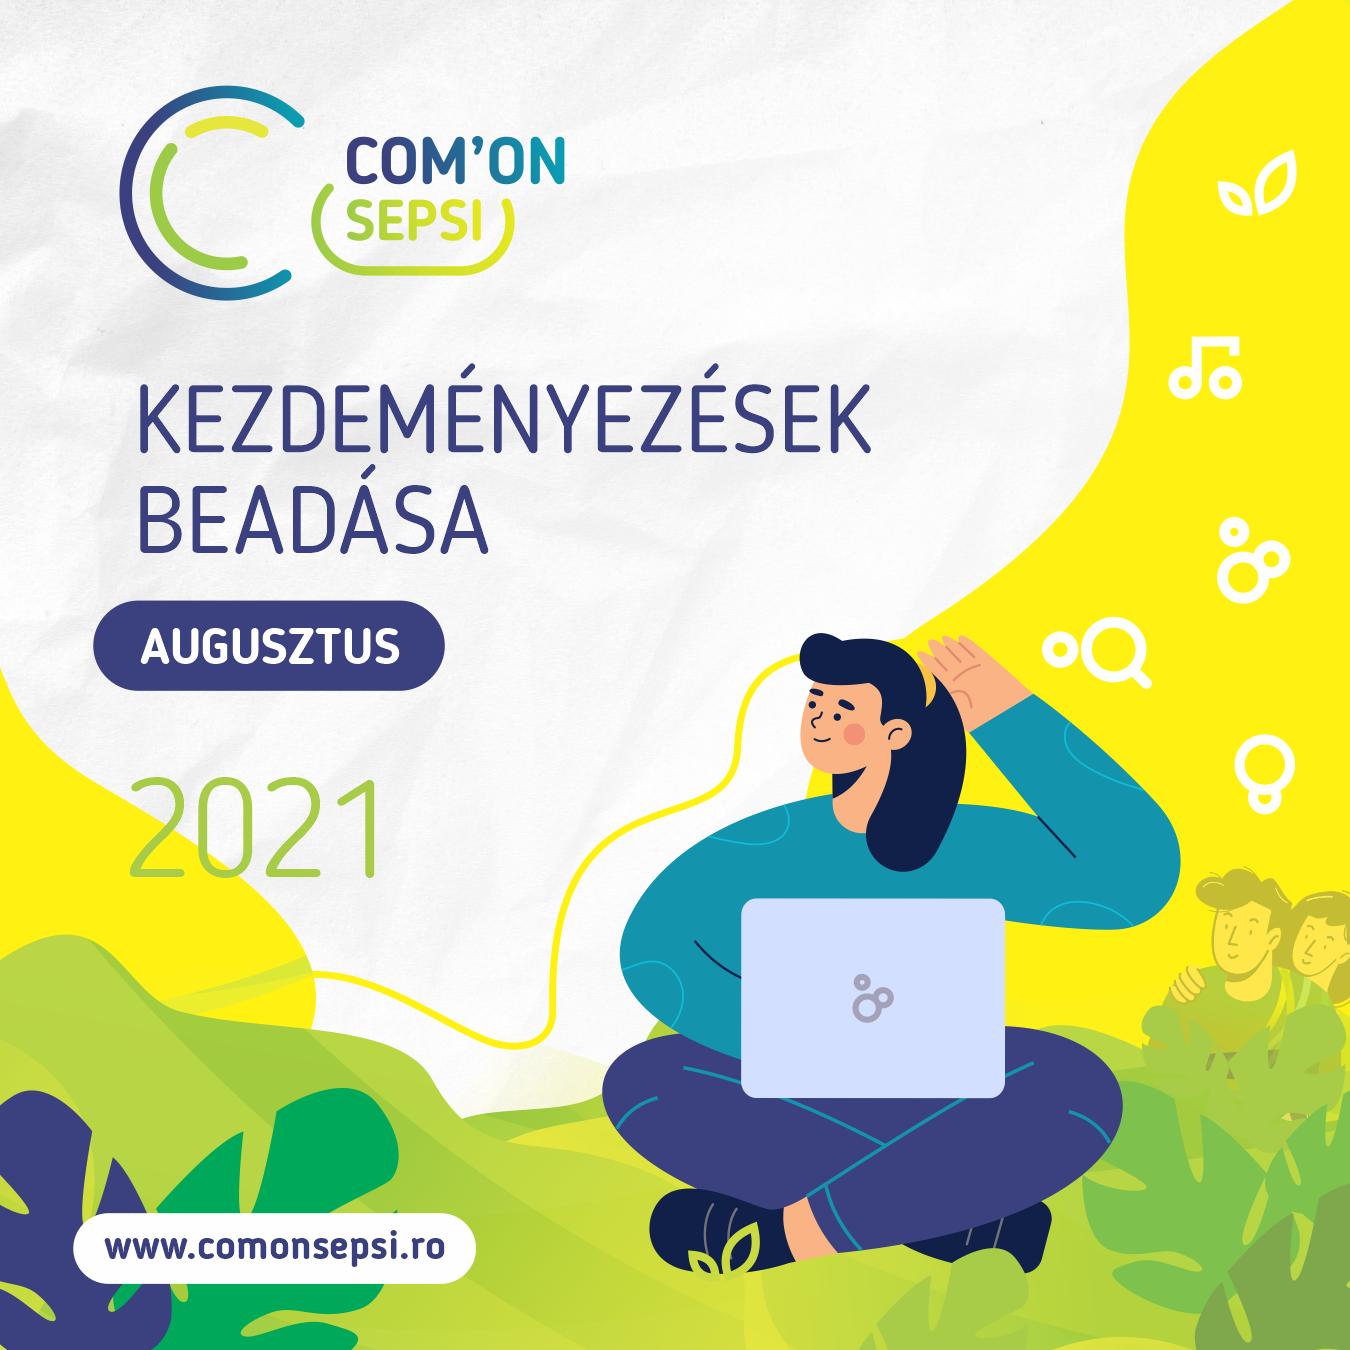 Te vagy a város, tegyél hozzá! - indul a Com'ON Sepsi 2021